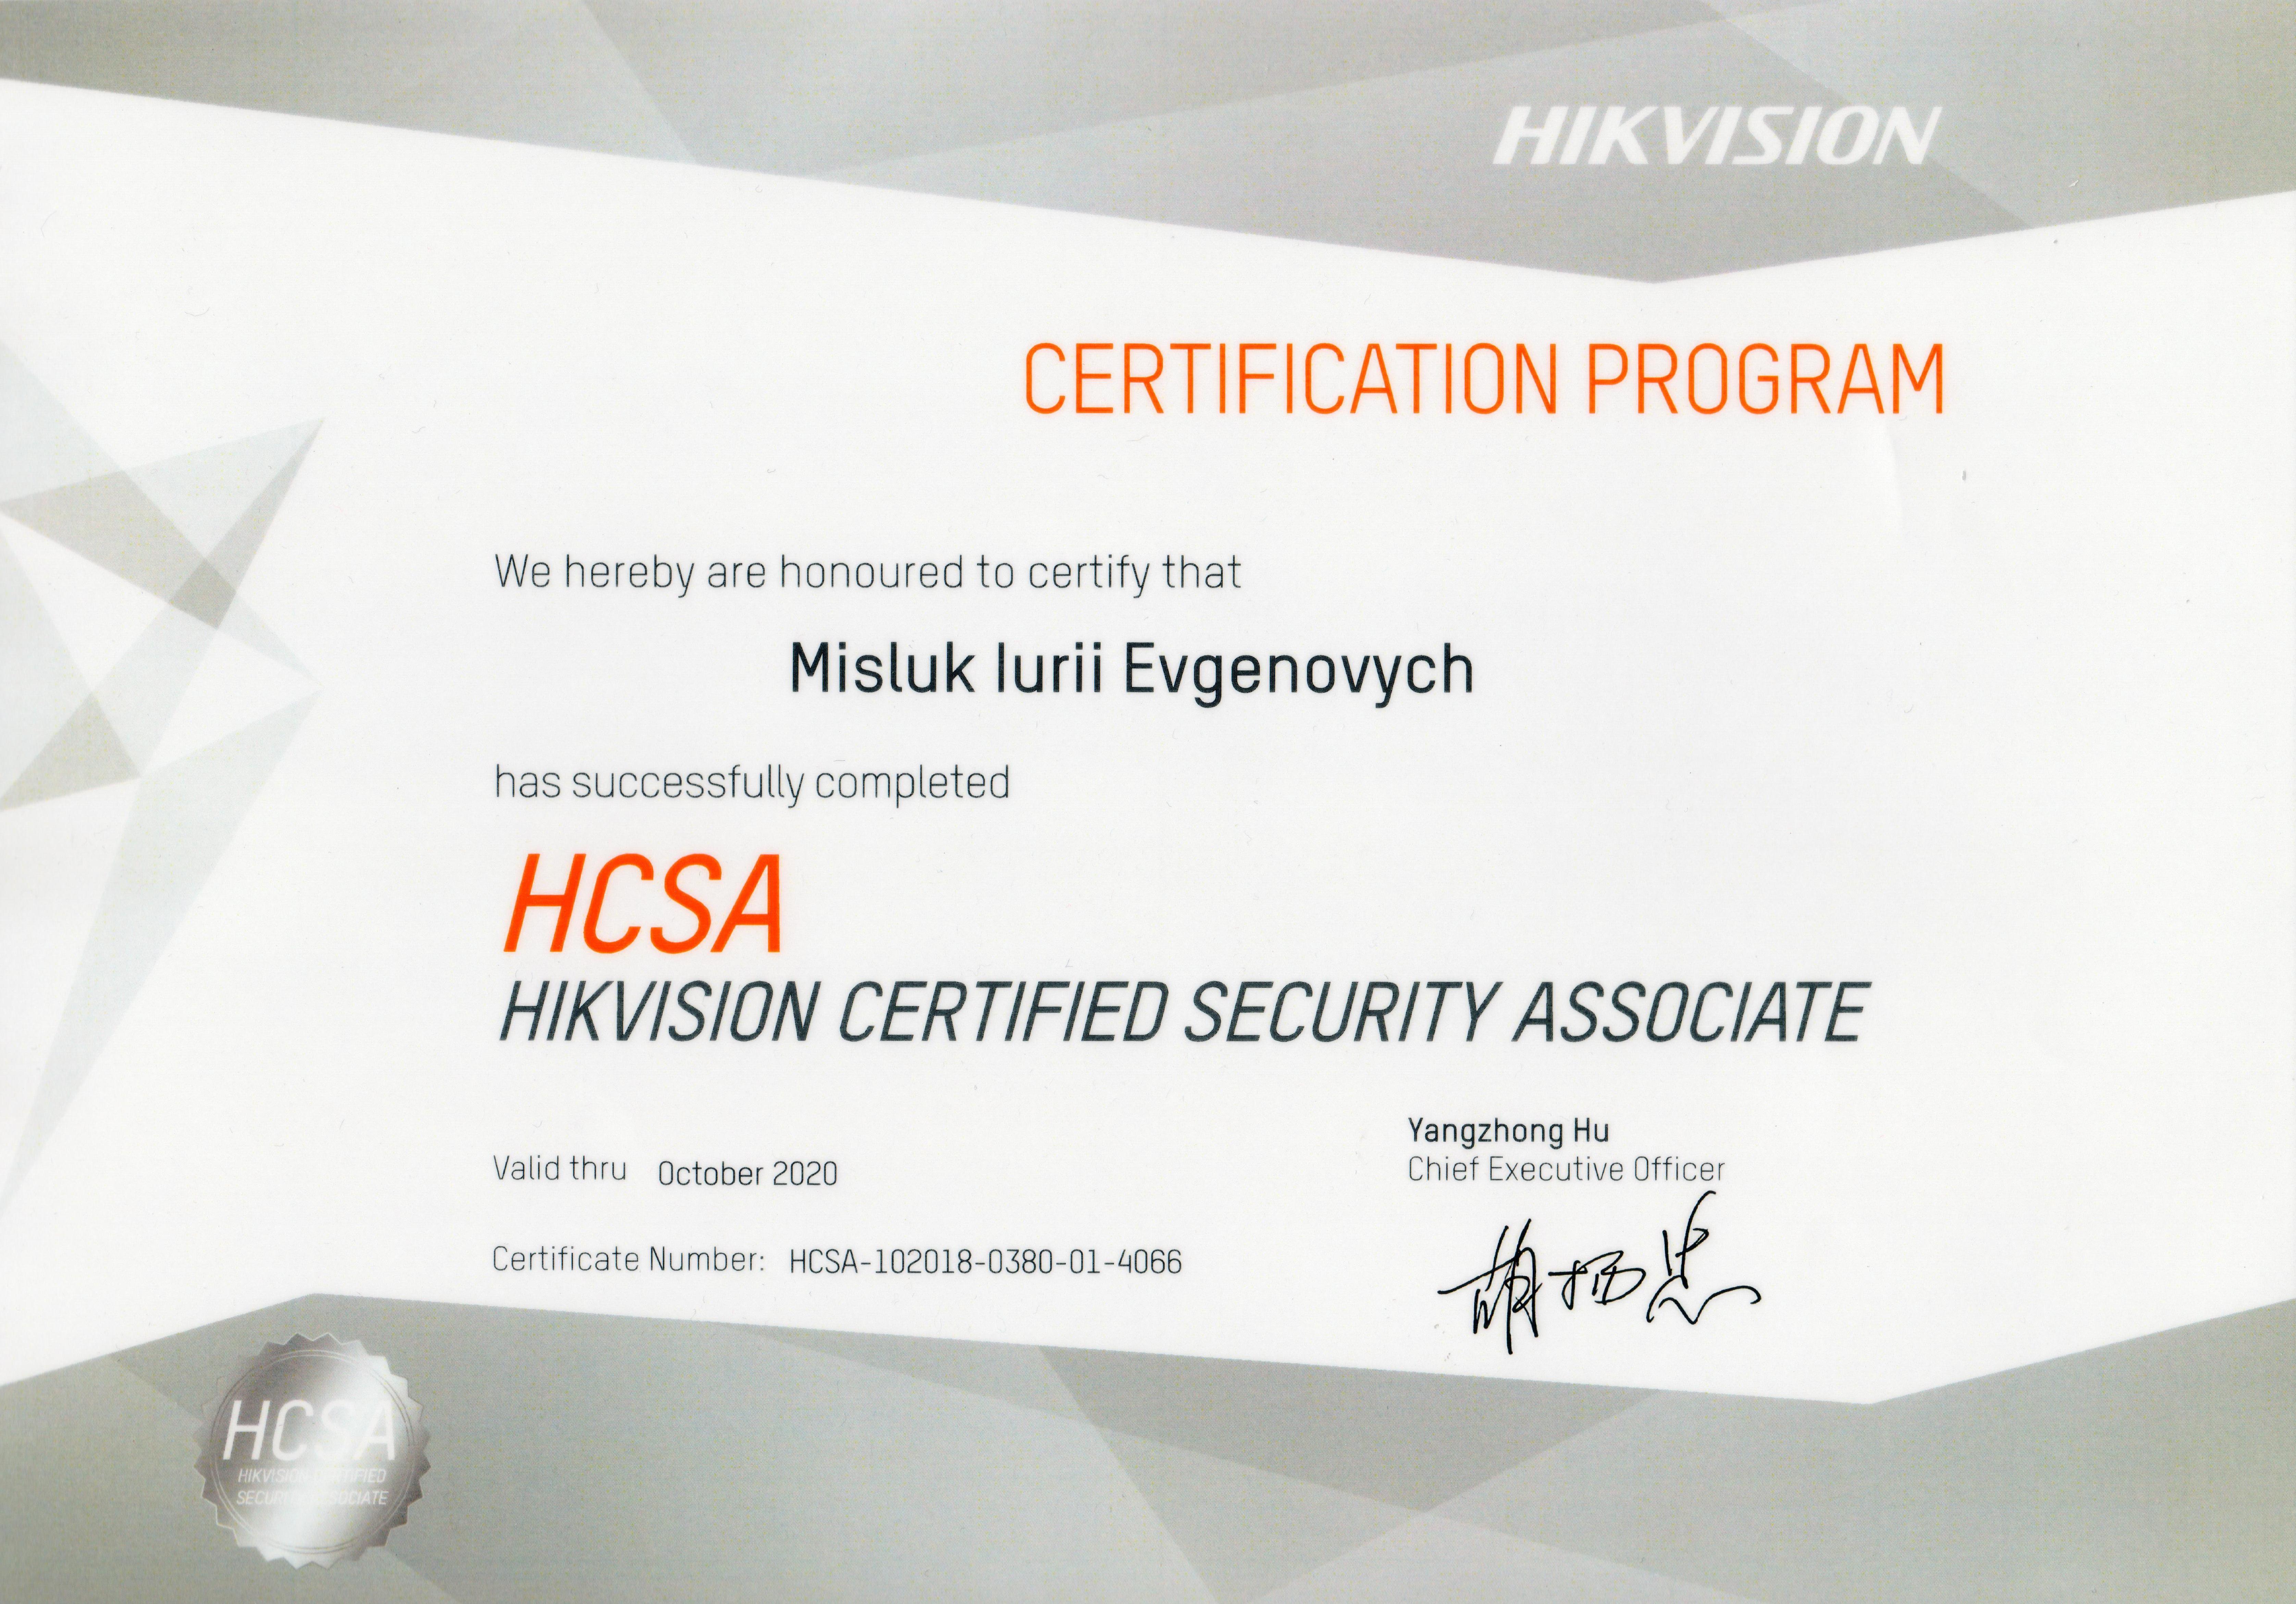 Фото Сертификат Hikvision, подтверждающий прохождение обучающей программы HCSA от китайского производителя систем безопасности Hikvision